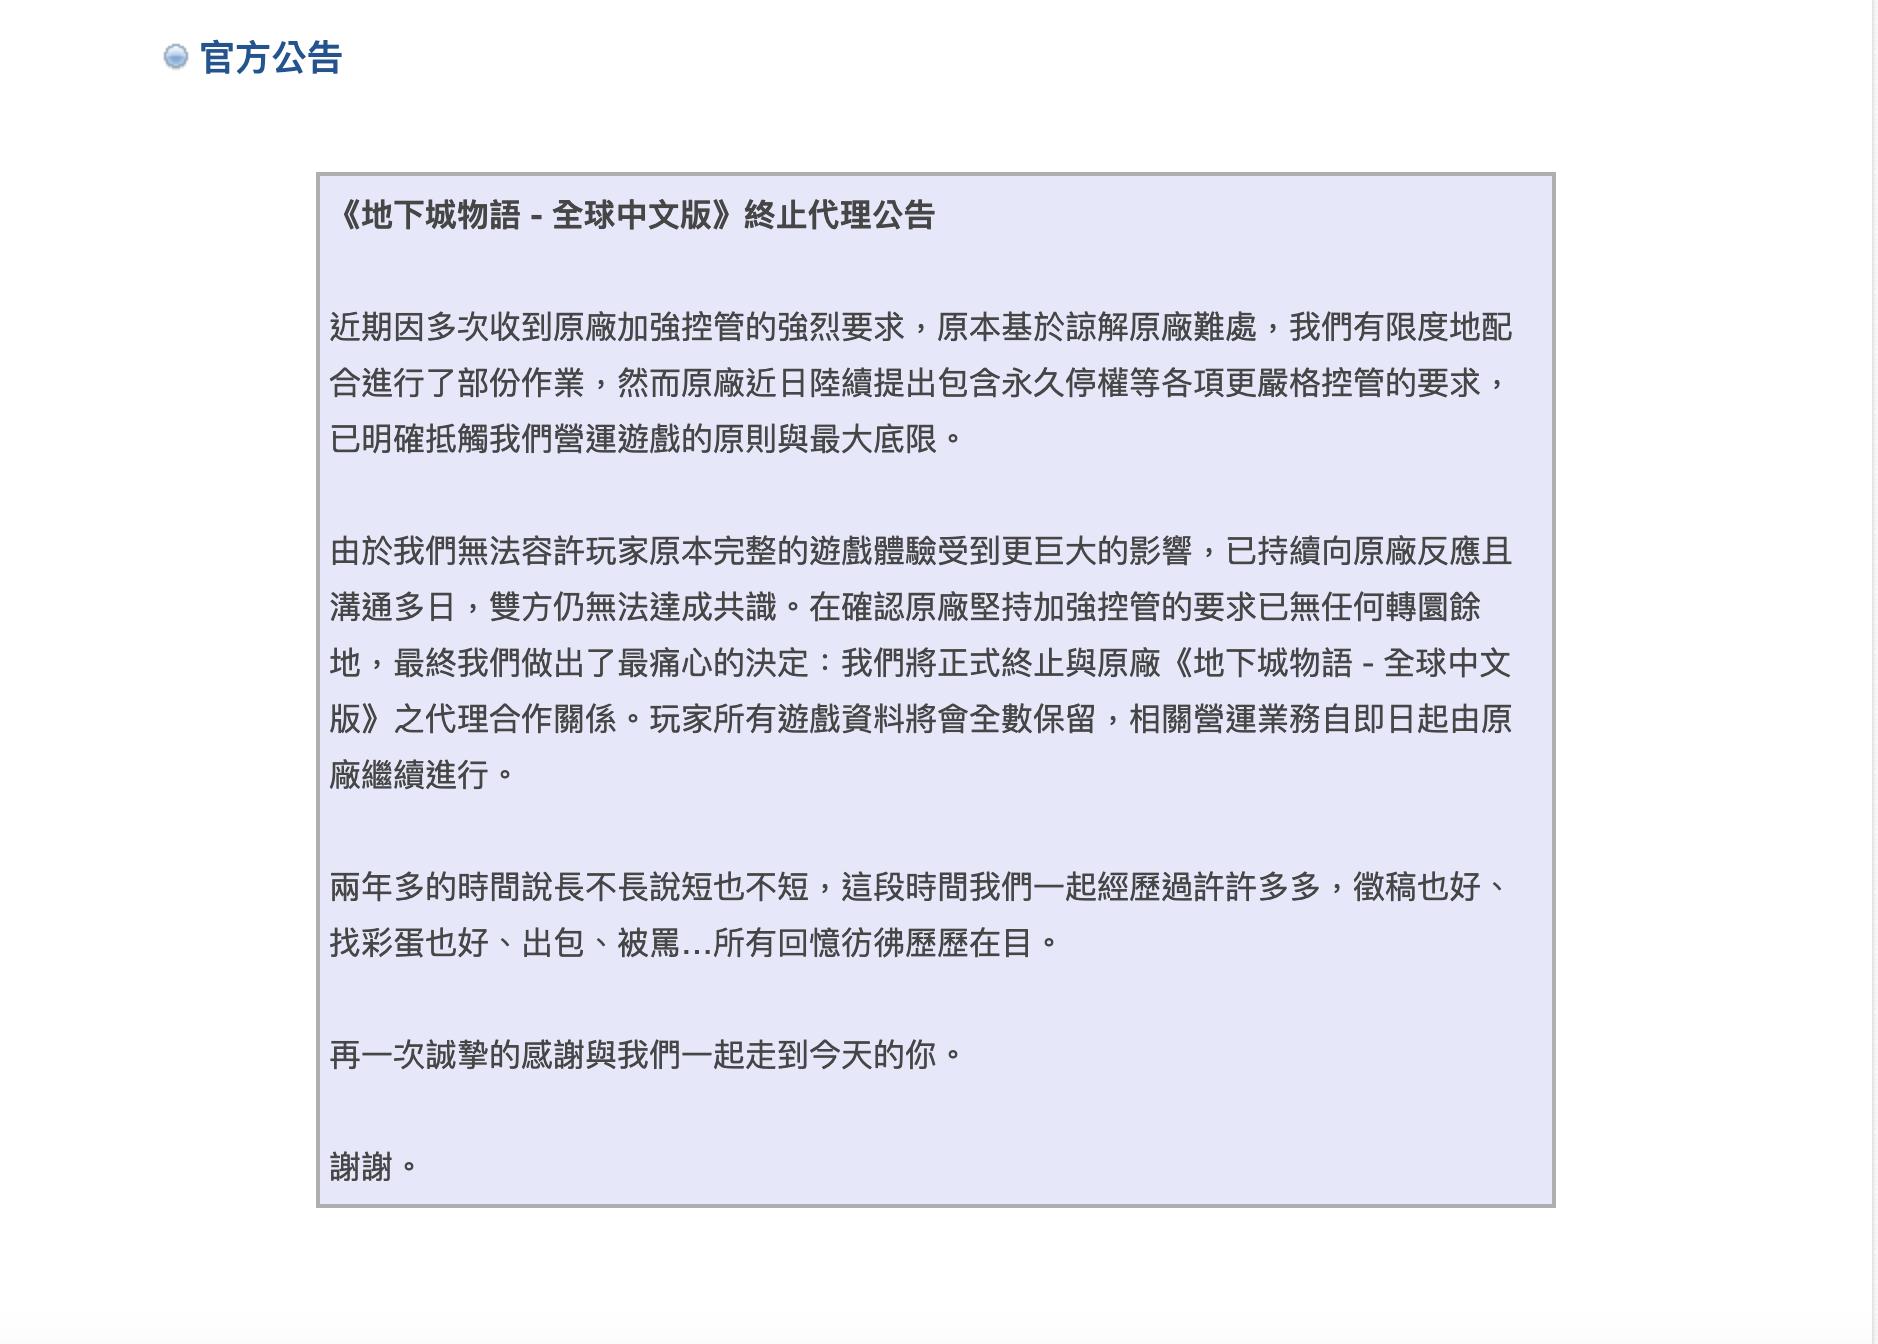 蓝鹊数字娱乐公告(图片来源:巴哈姆特截屏)